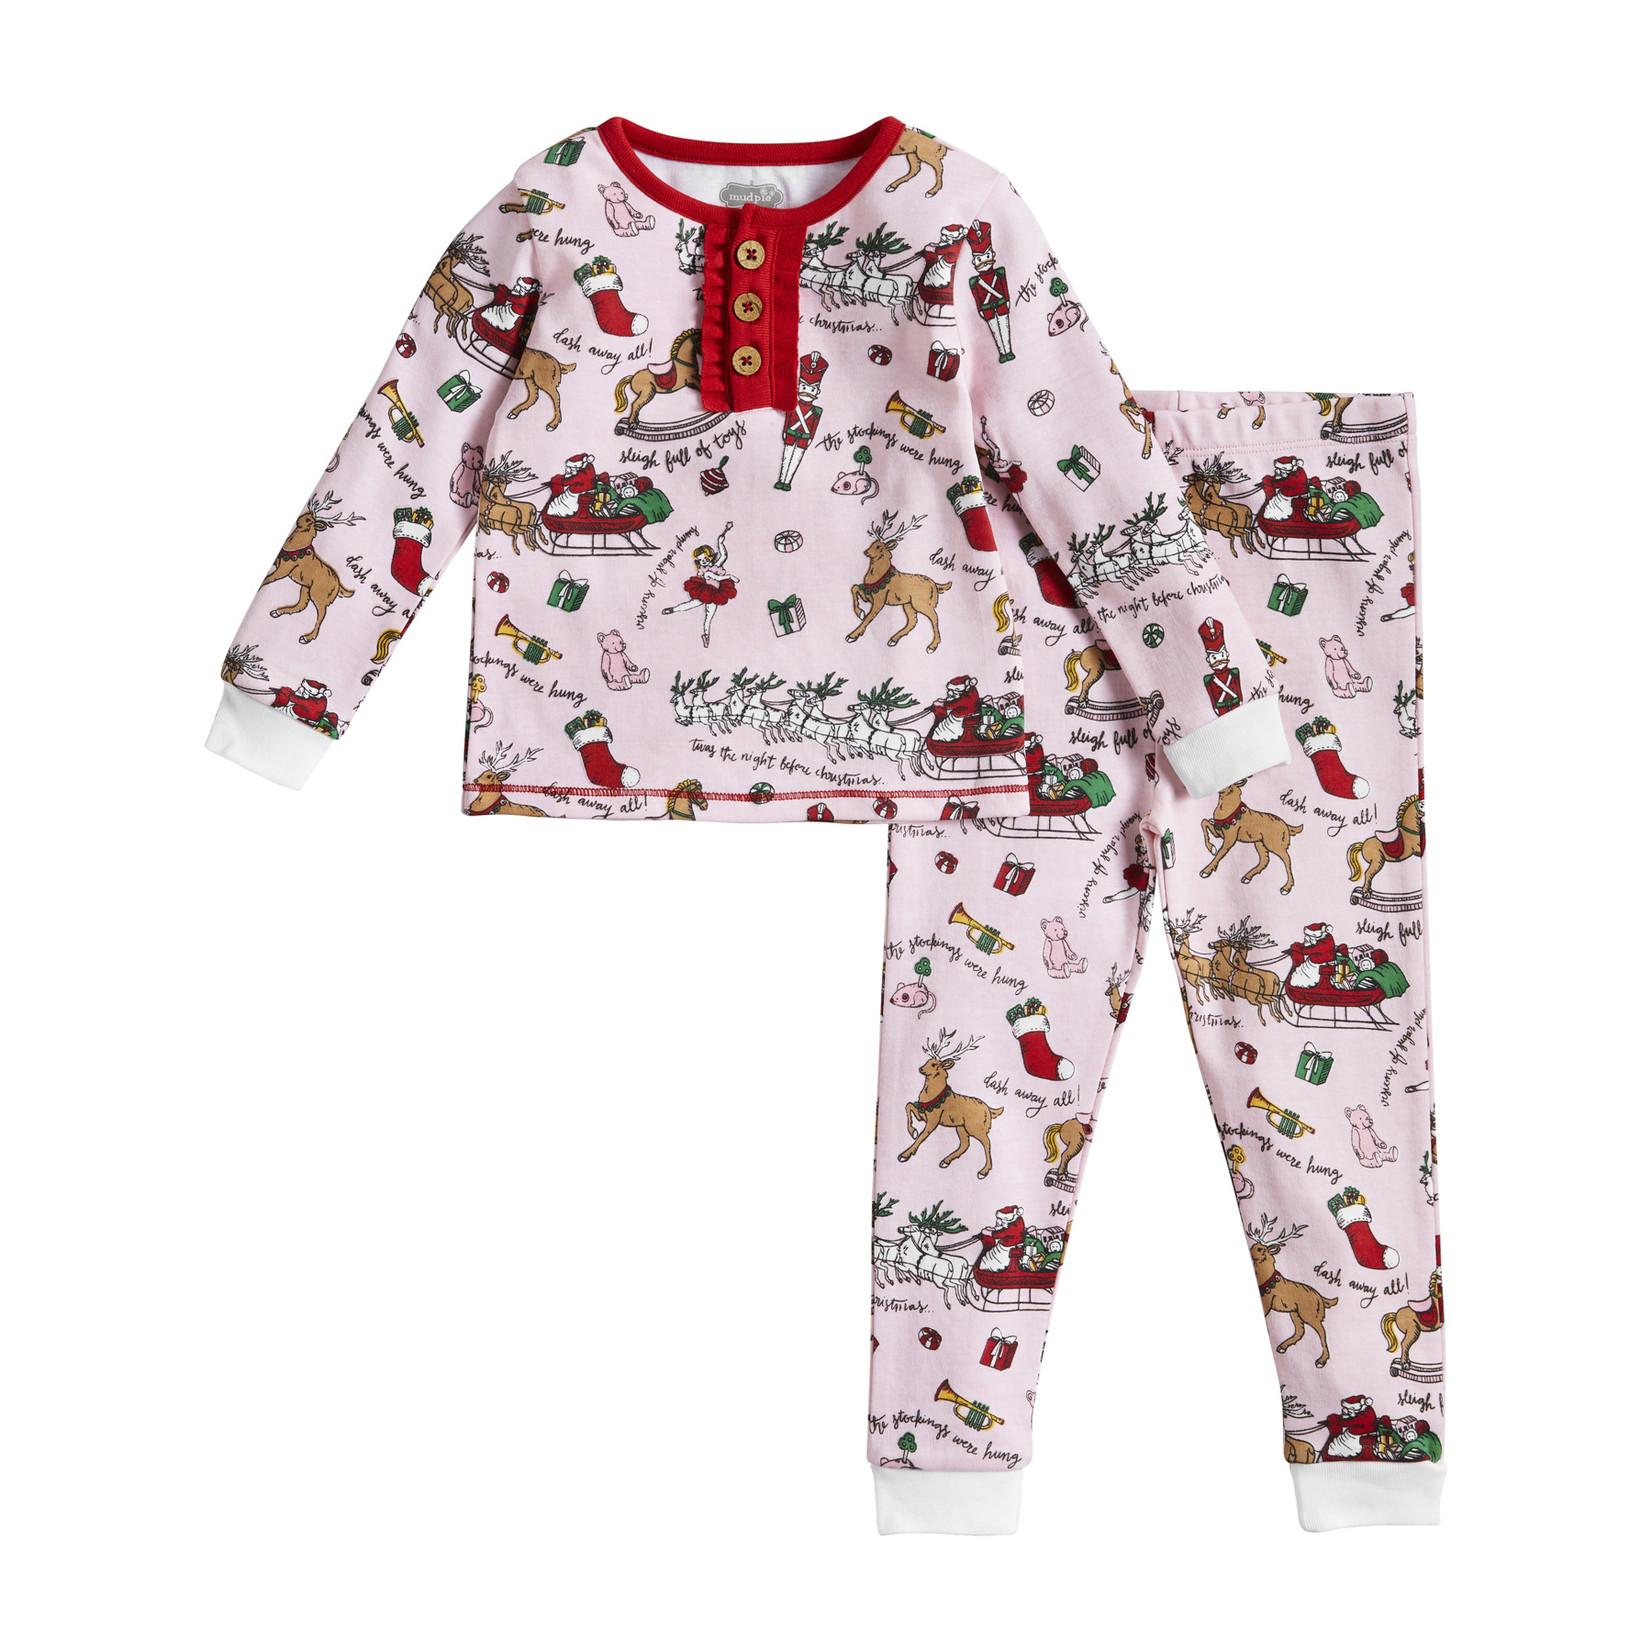 Mudpie Night Before Christmas Girl Pajamas